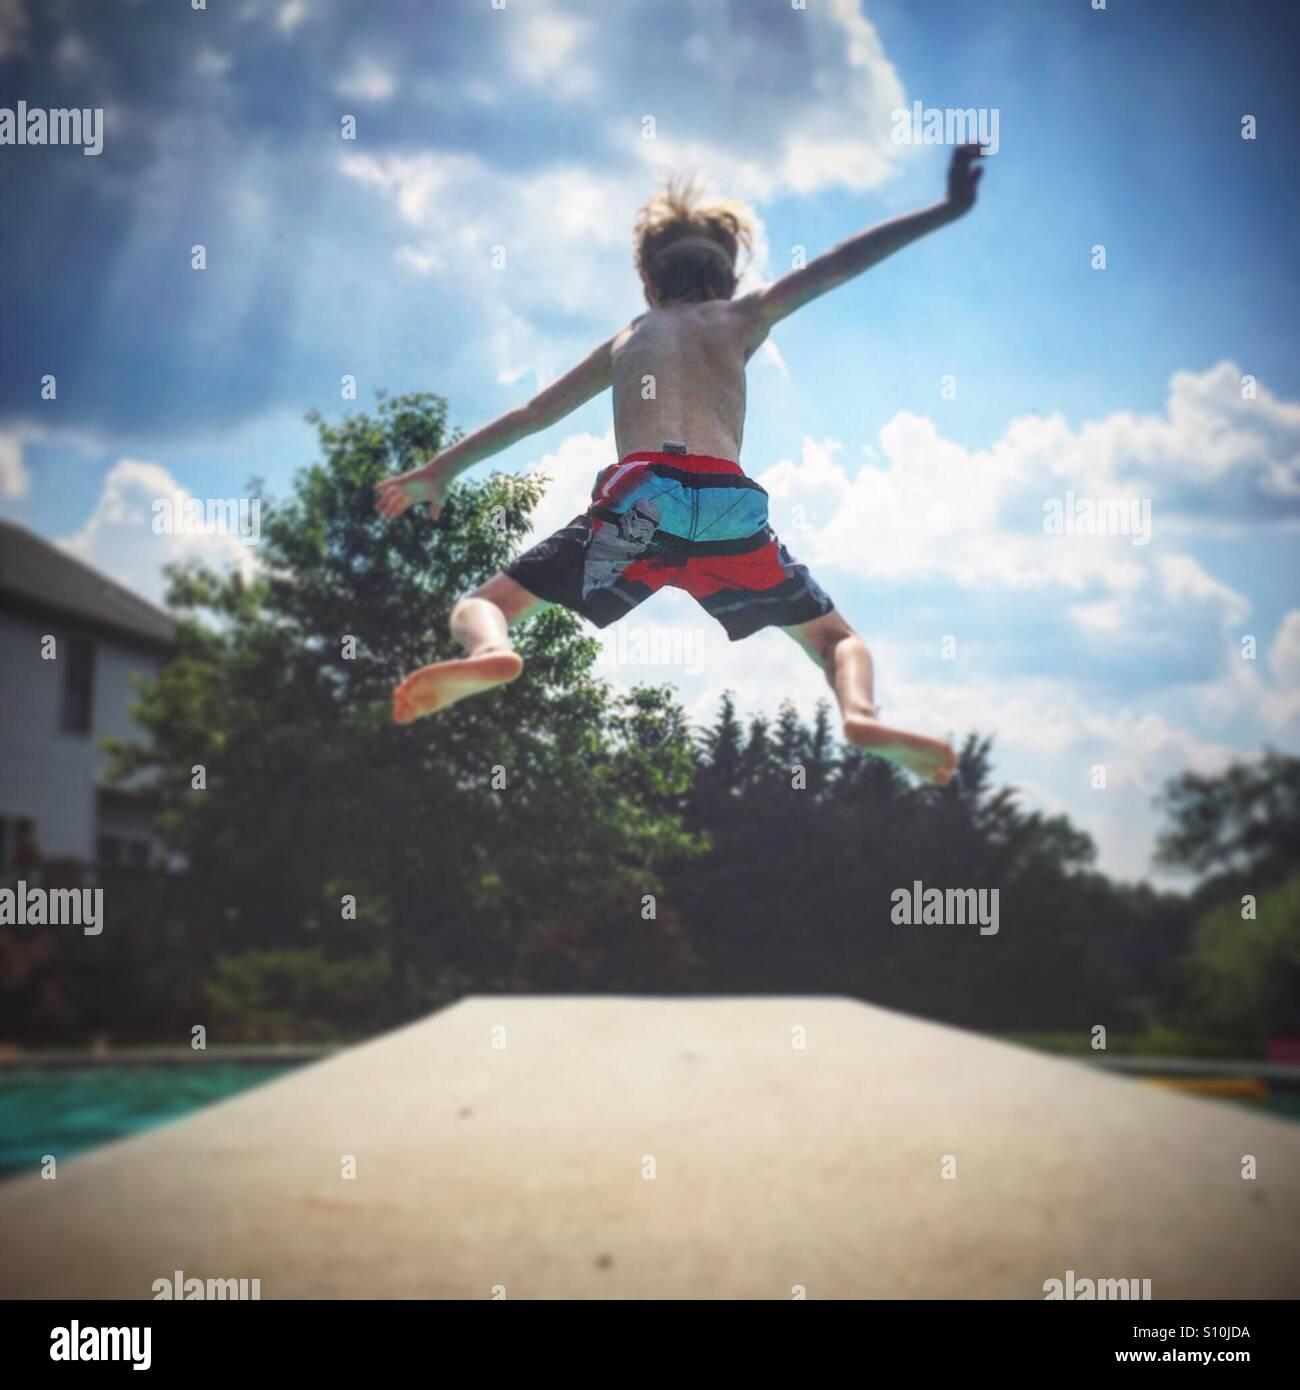 Un jeune garçon saute d'un plongeoir et dans une piscine par une chaude journée d'été Photo Stock